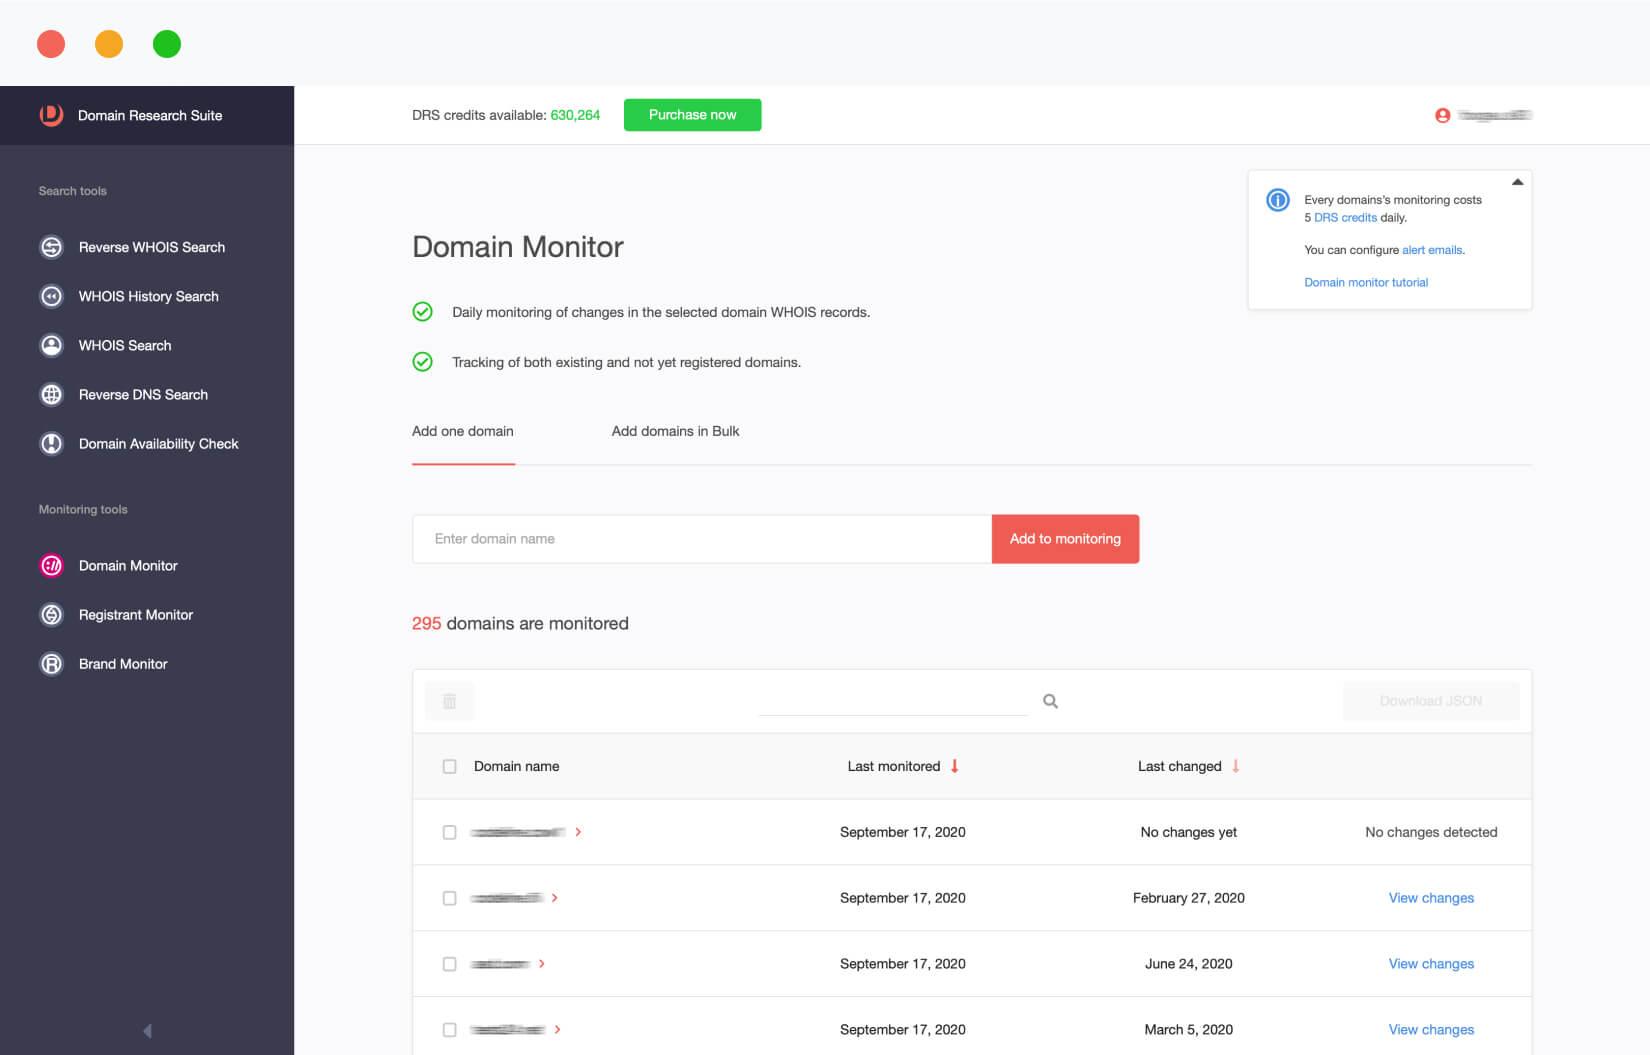 Domain Monitor